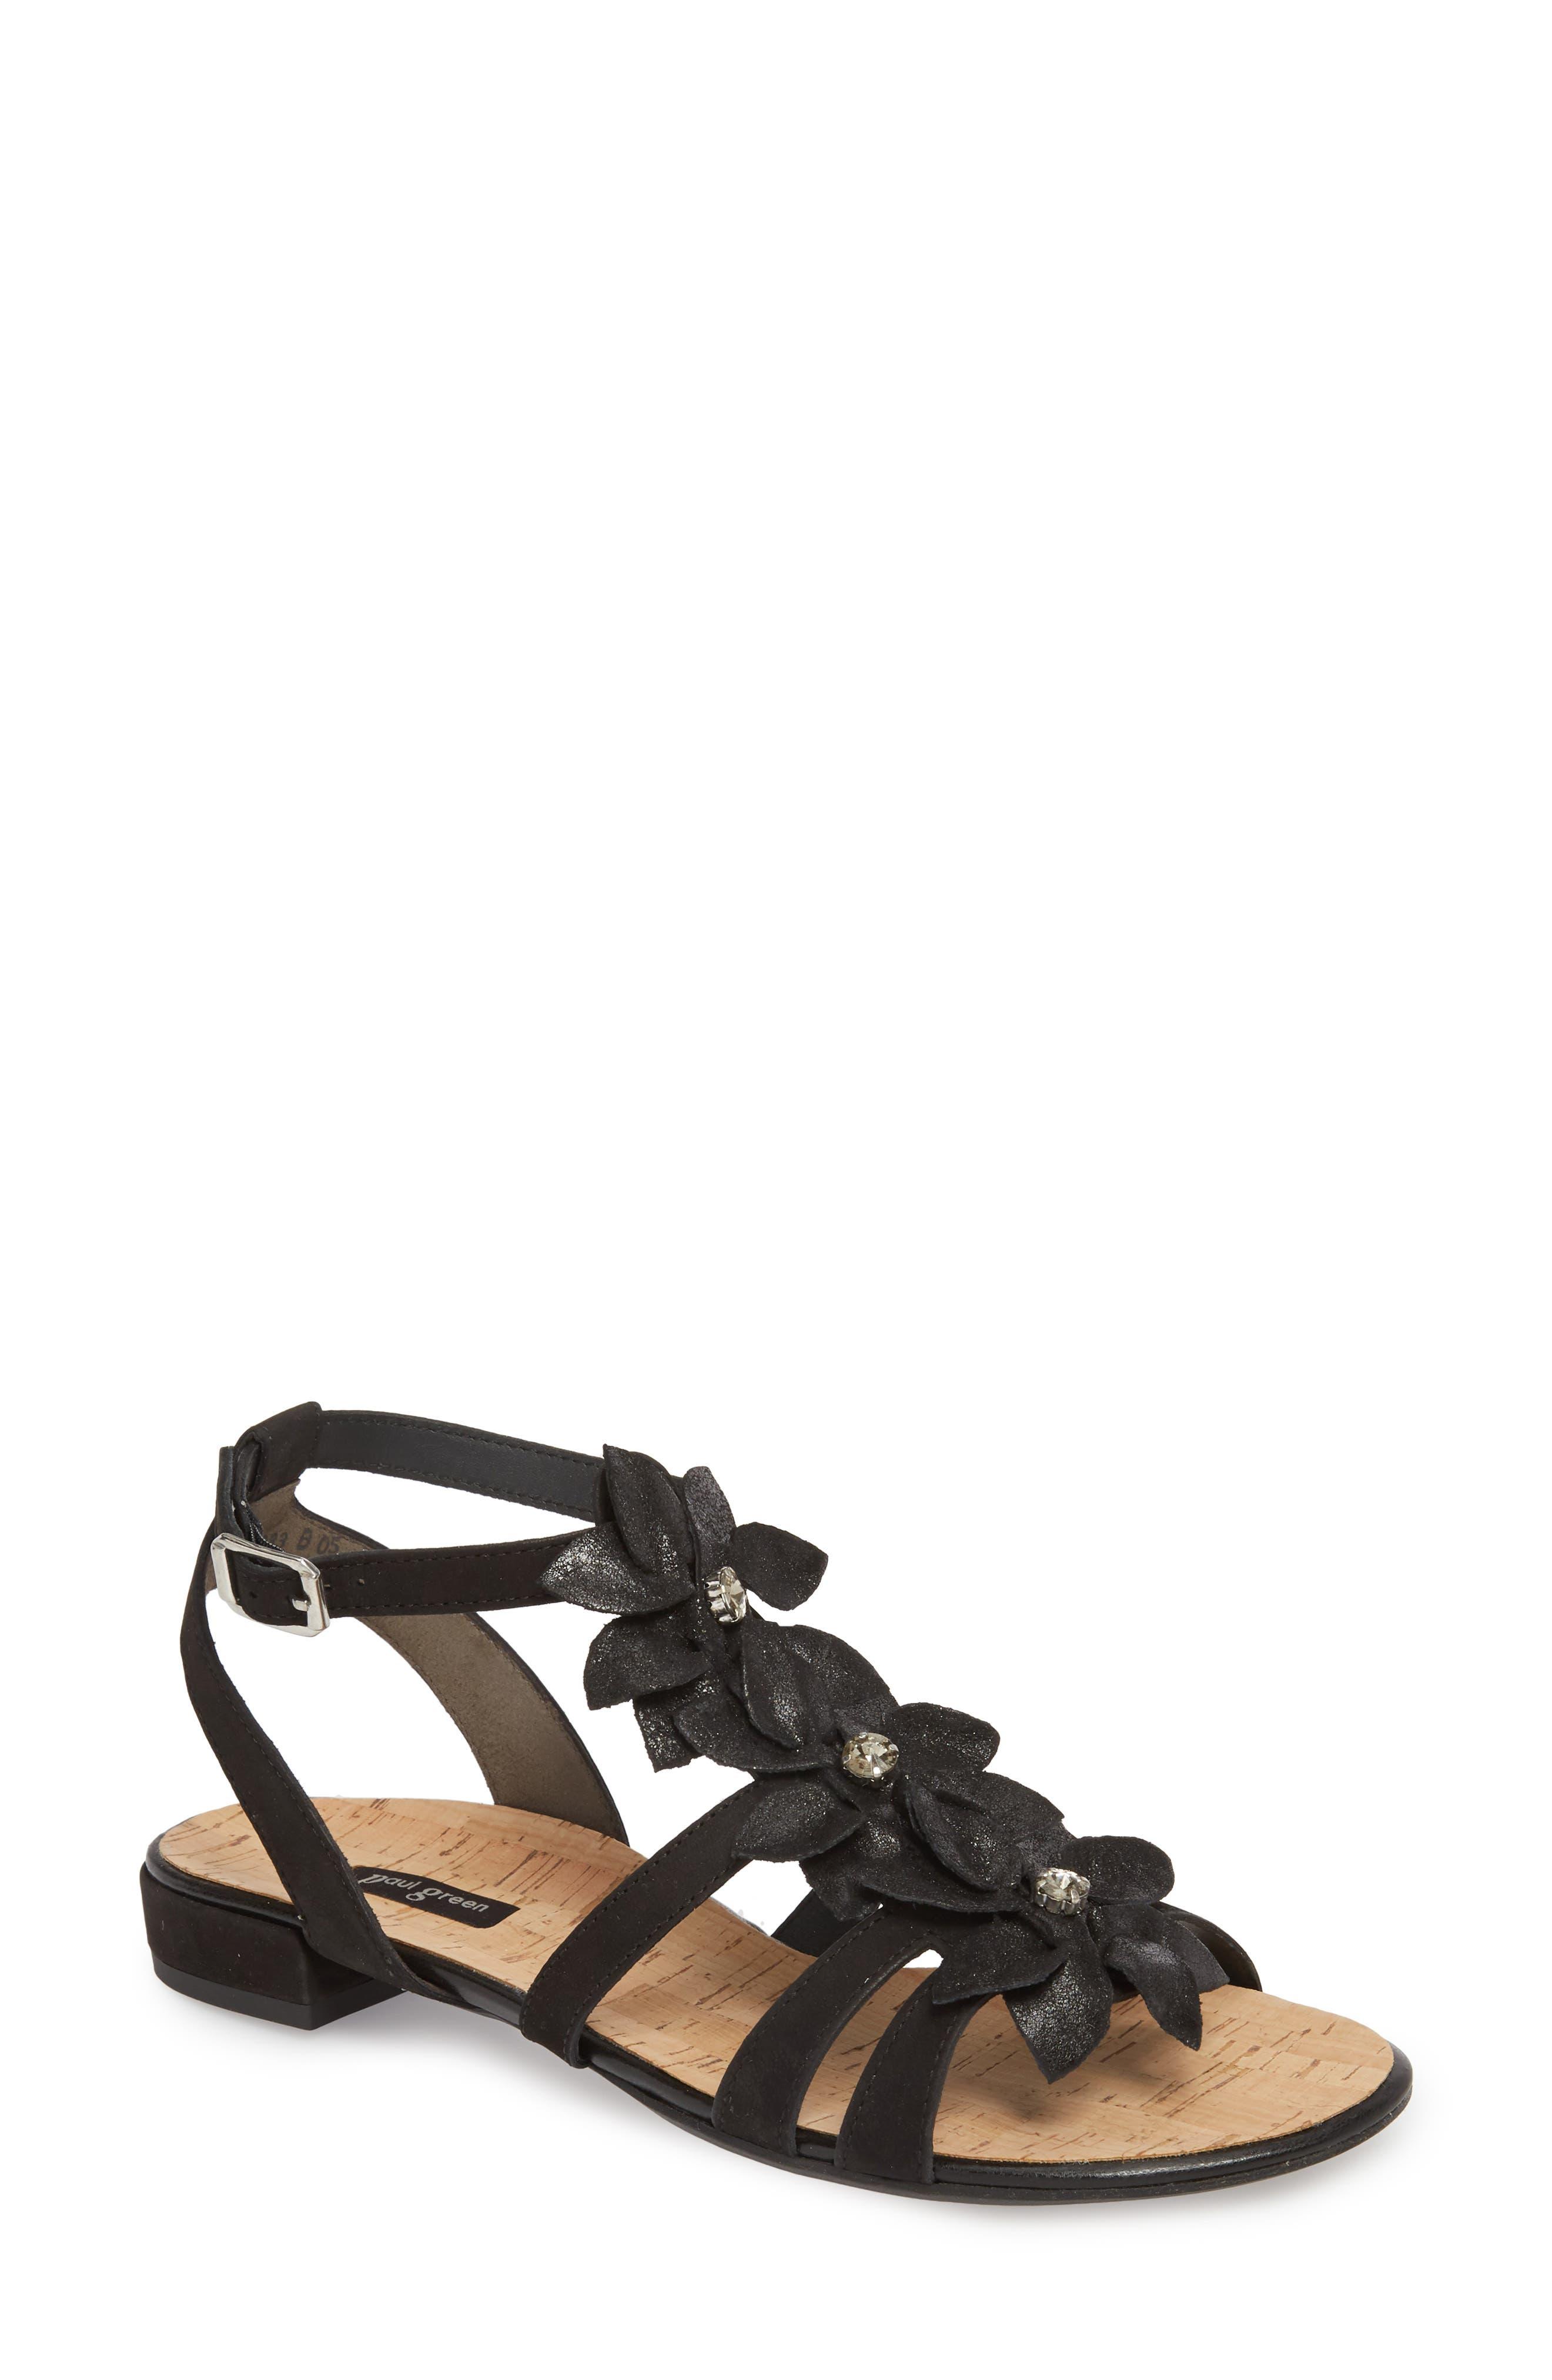 Roma Sandal,                         Main,                         color, Black Nubuck